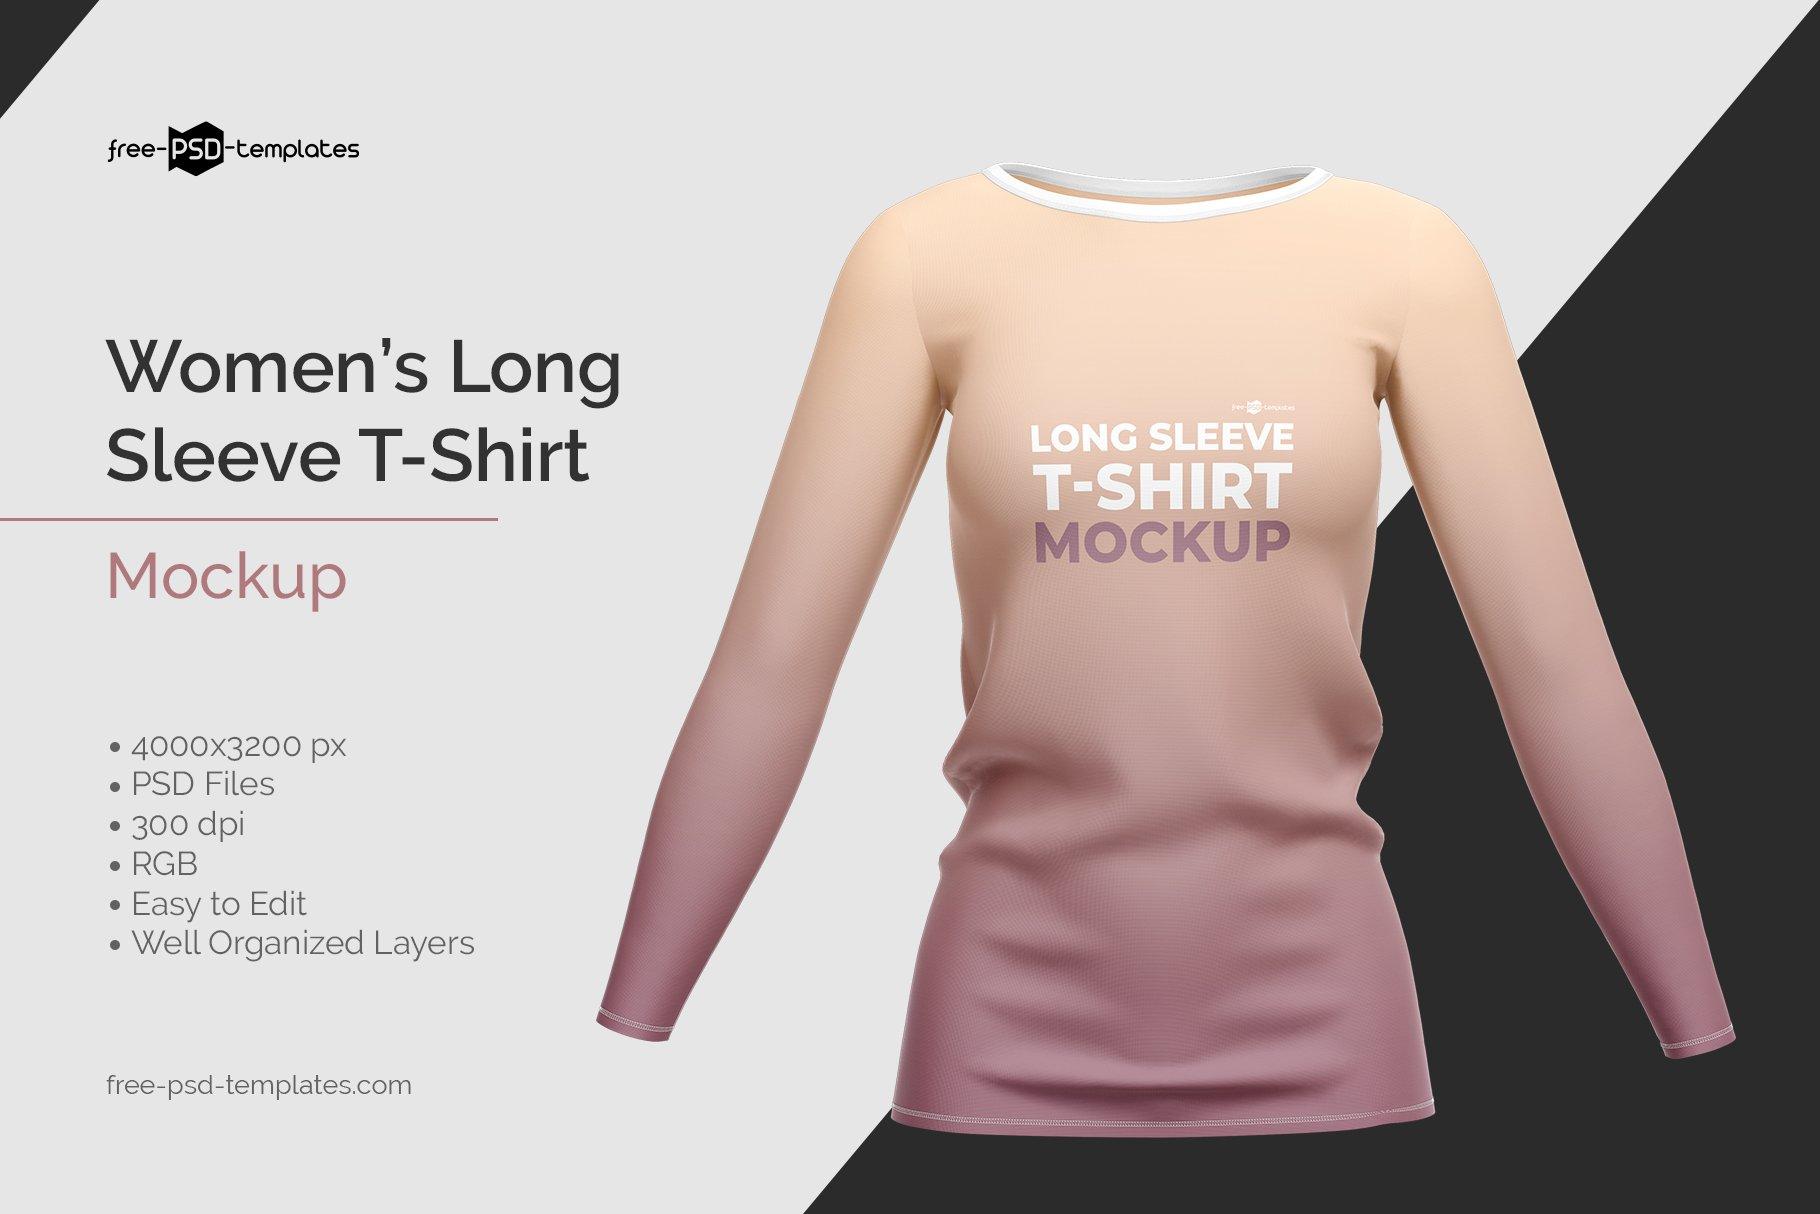 女士长袖圆领T恤设计展示贴图样机模板 Womens Long Sleeve T-Shirt插图